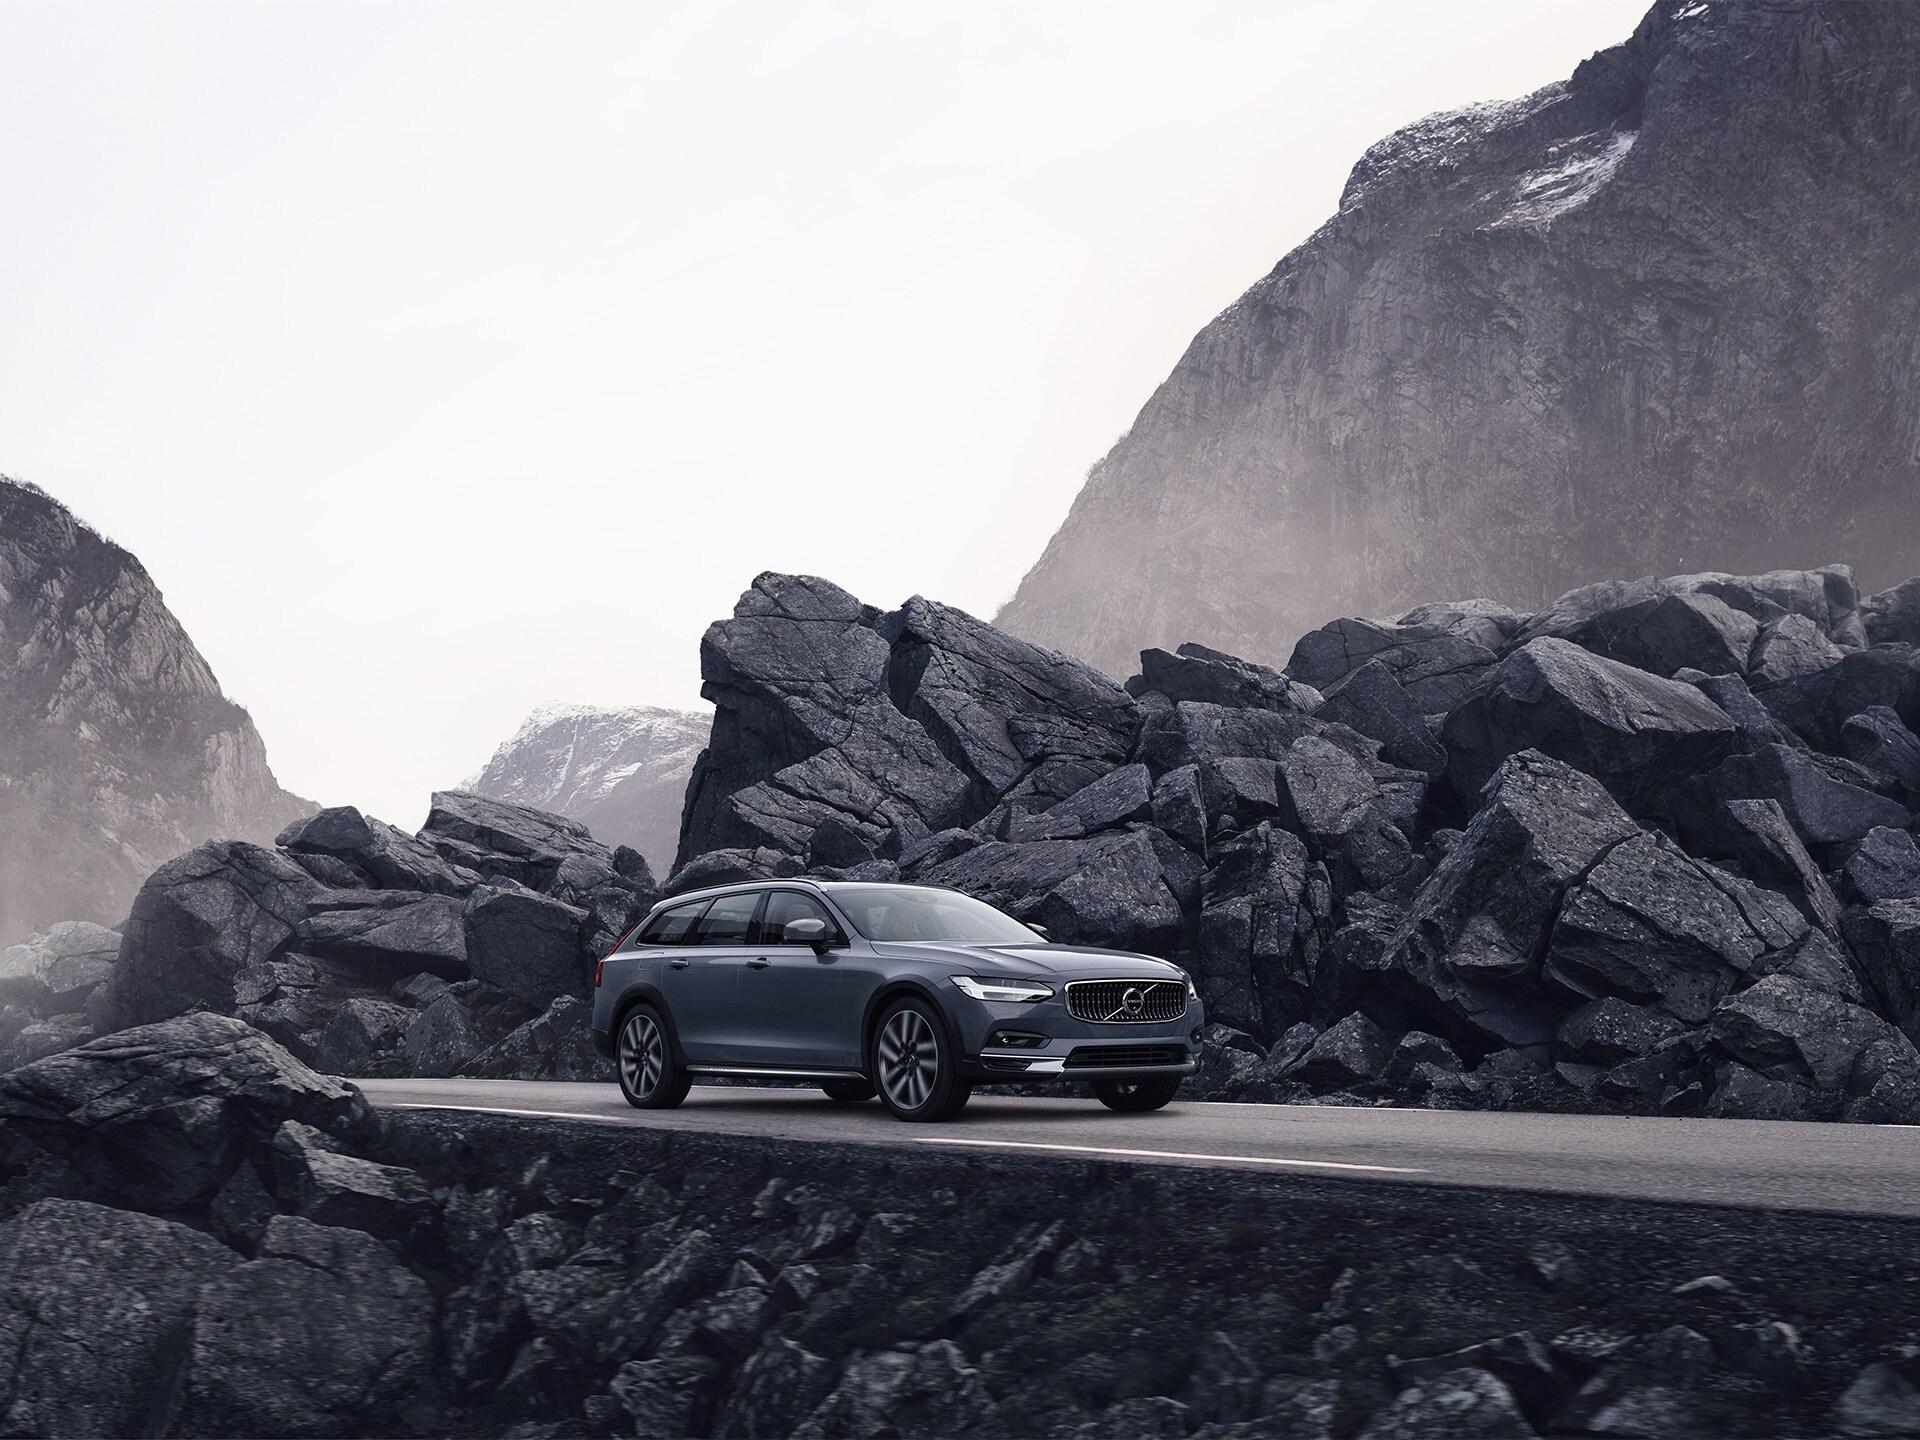 Ένα γκρι Volvo κινείται στην άκρη ενός δρόμου με βράχια